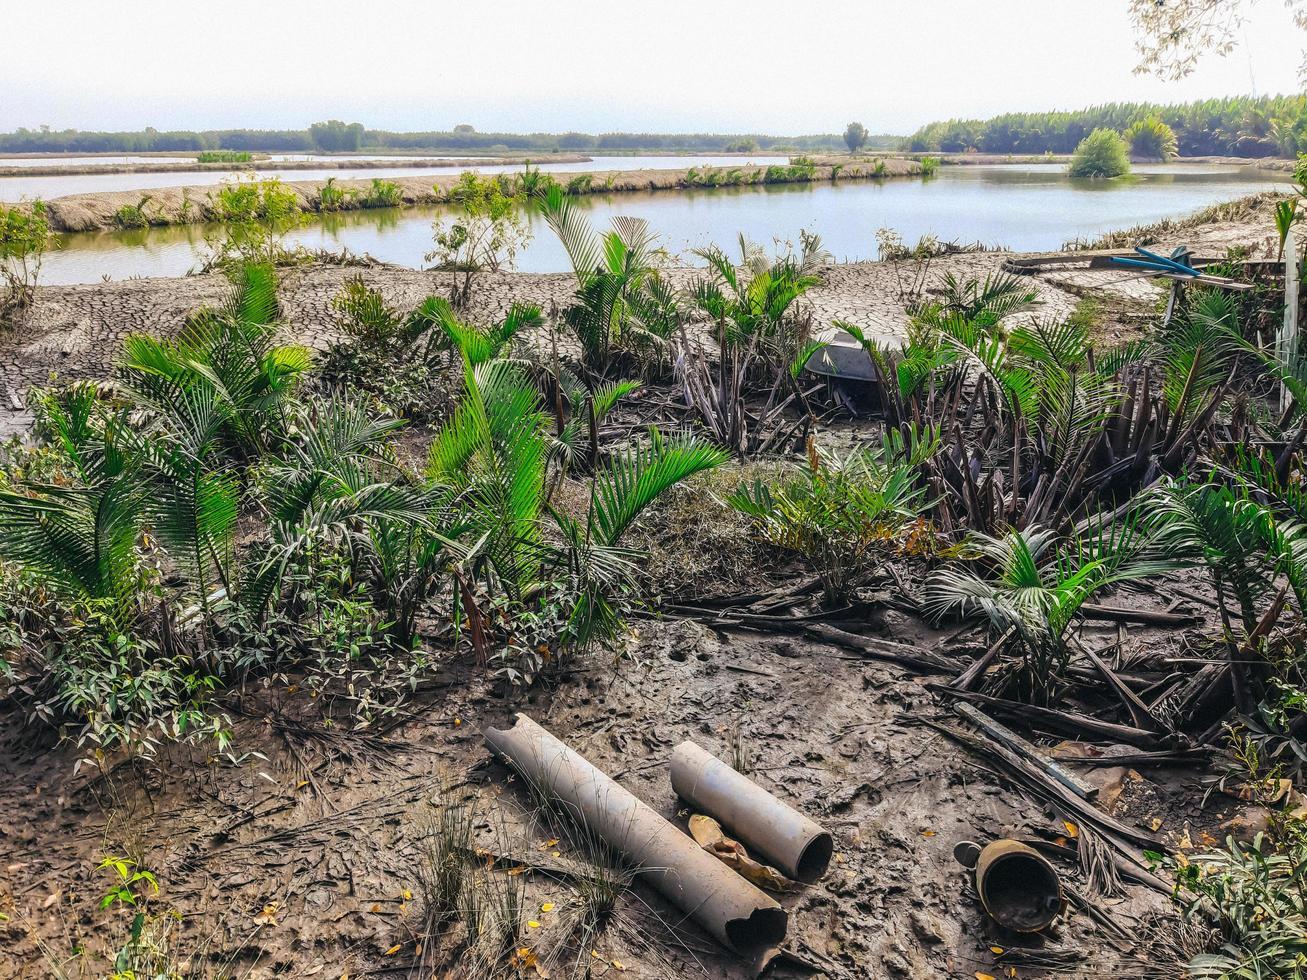 tropisk mangroveträdskog. återhämtning av natur mangroveskog i Samut Prakan, Thailand foto